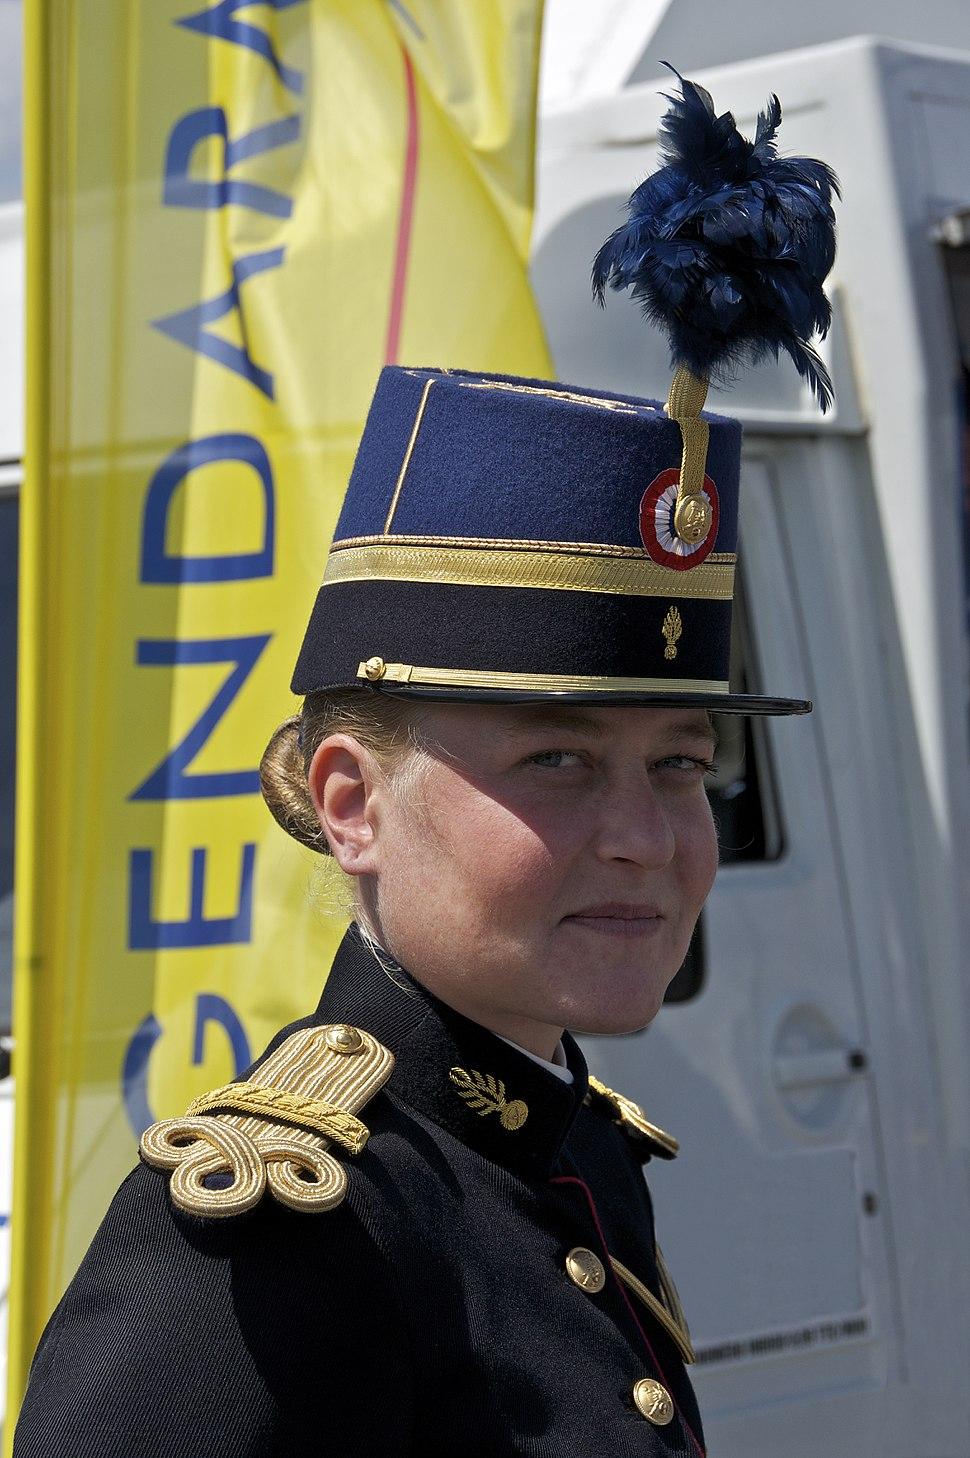 Élève-officier Gendarmerie Nationale TETRA taconnet